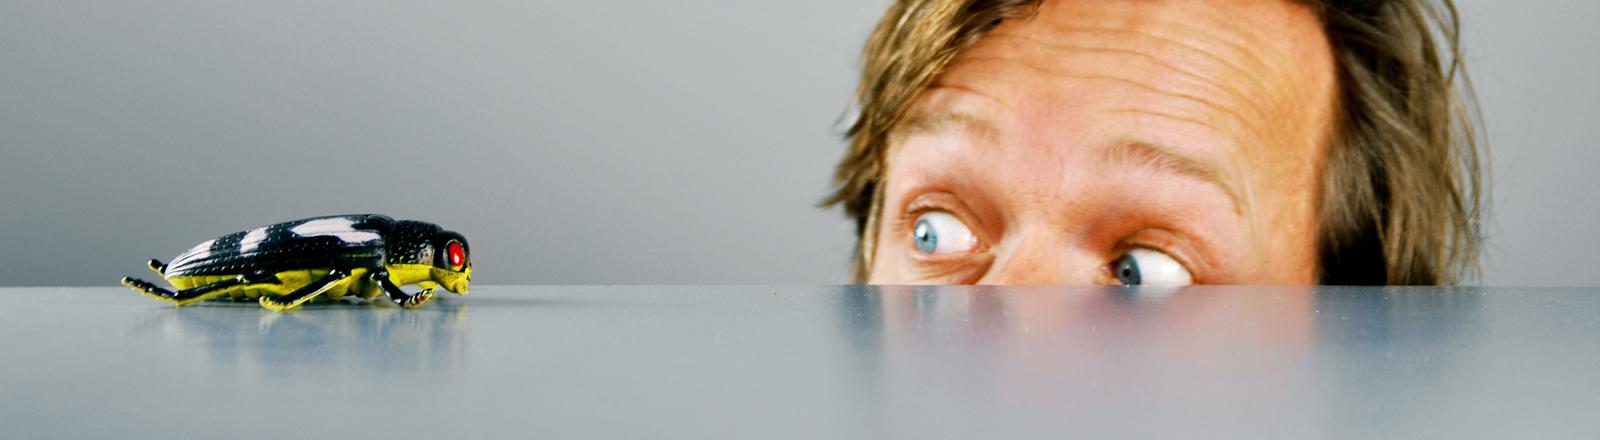 Ein Mann blickt auf eine Schabe